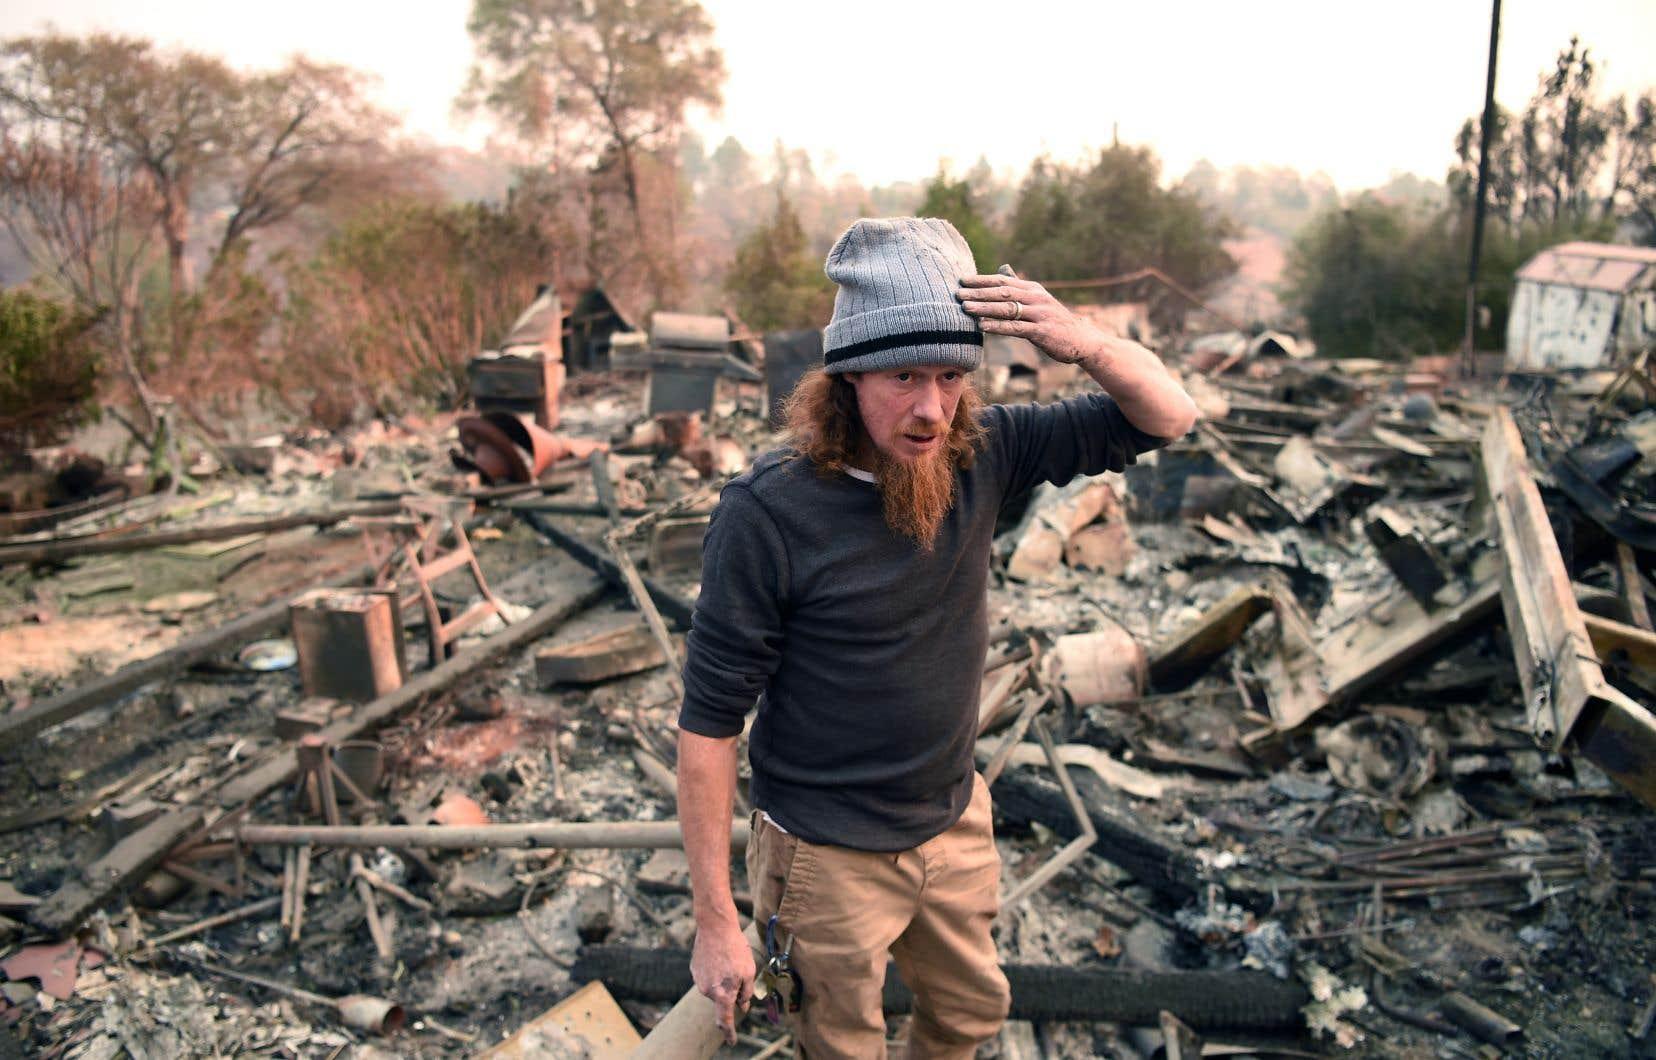 Ryan Spainhower, sur les débris de sa maison brûlée par les incendies de forêt à Paradise, en Californie, en 2018. De 20 à 50% des personnes exposées à une catastrophe naturelle ont un risque de développer des troubles psychologiques.